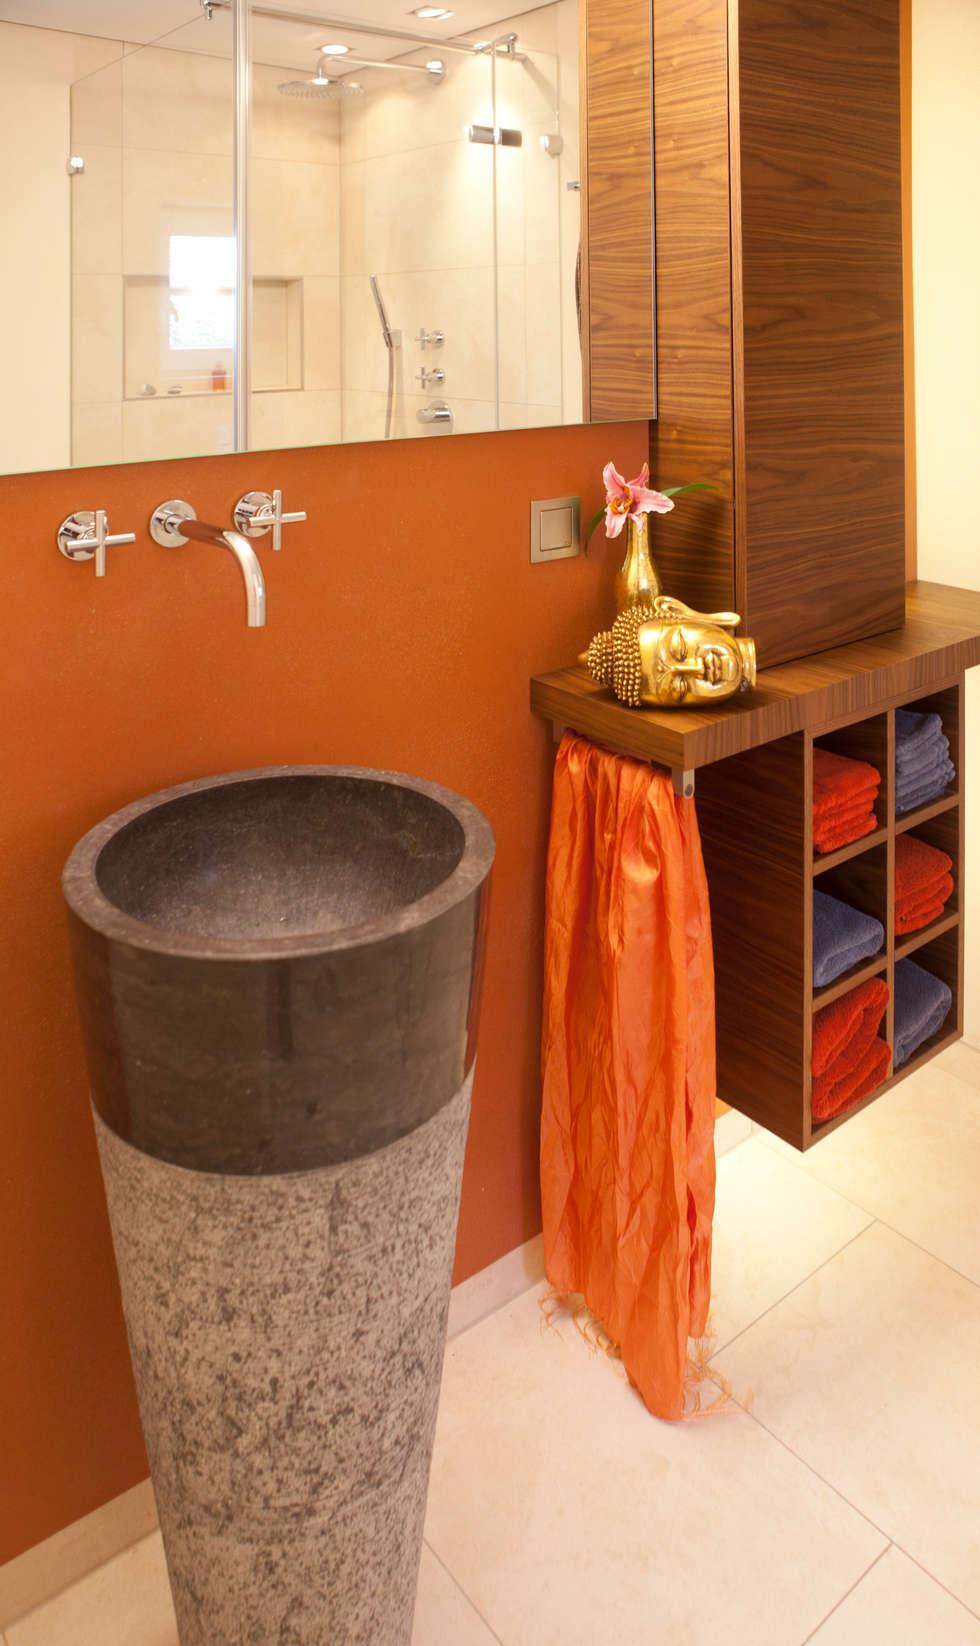 Bäder und Spa- Einrichtungen werden zu einer Oase der Ruhe und Entspannung: moderne Badezimmer von Design by Torsten Müller